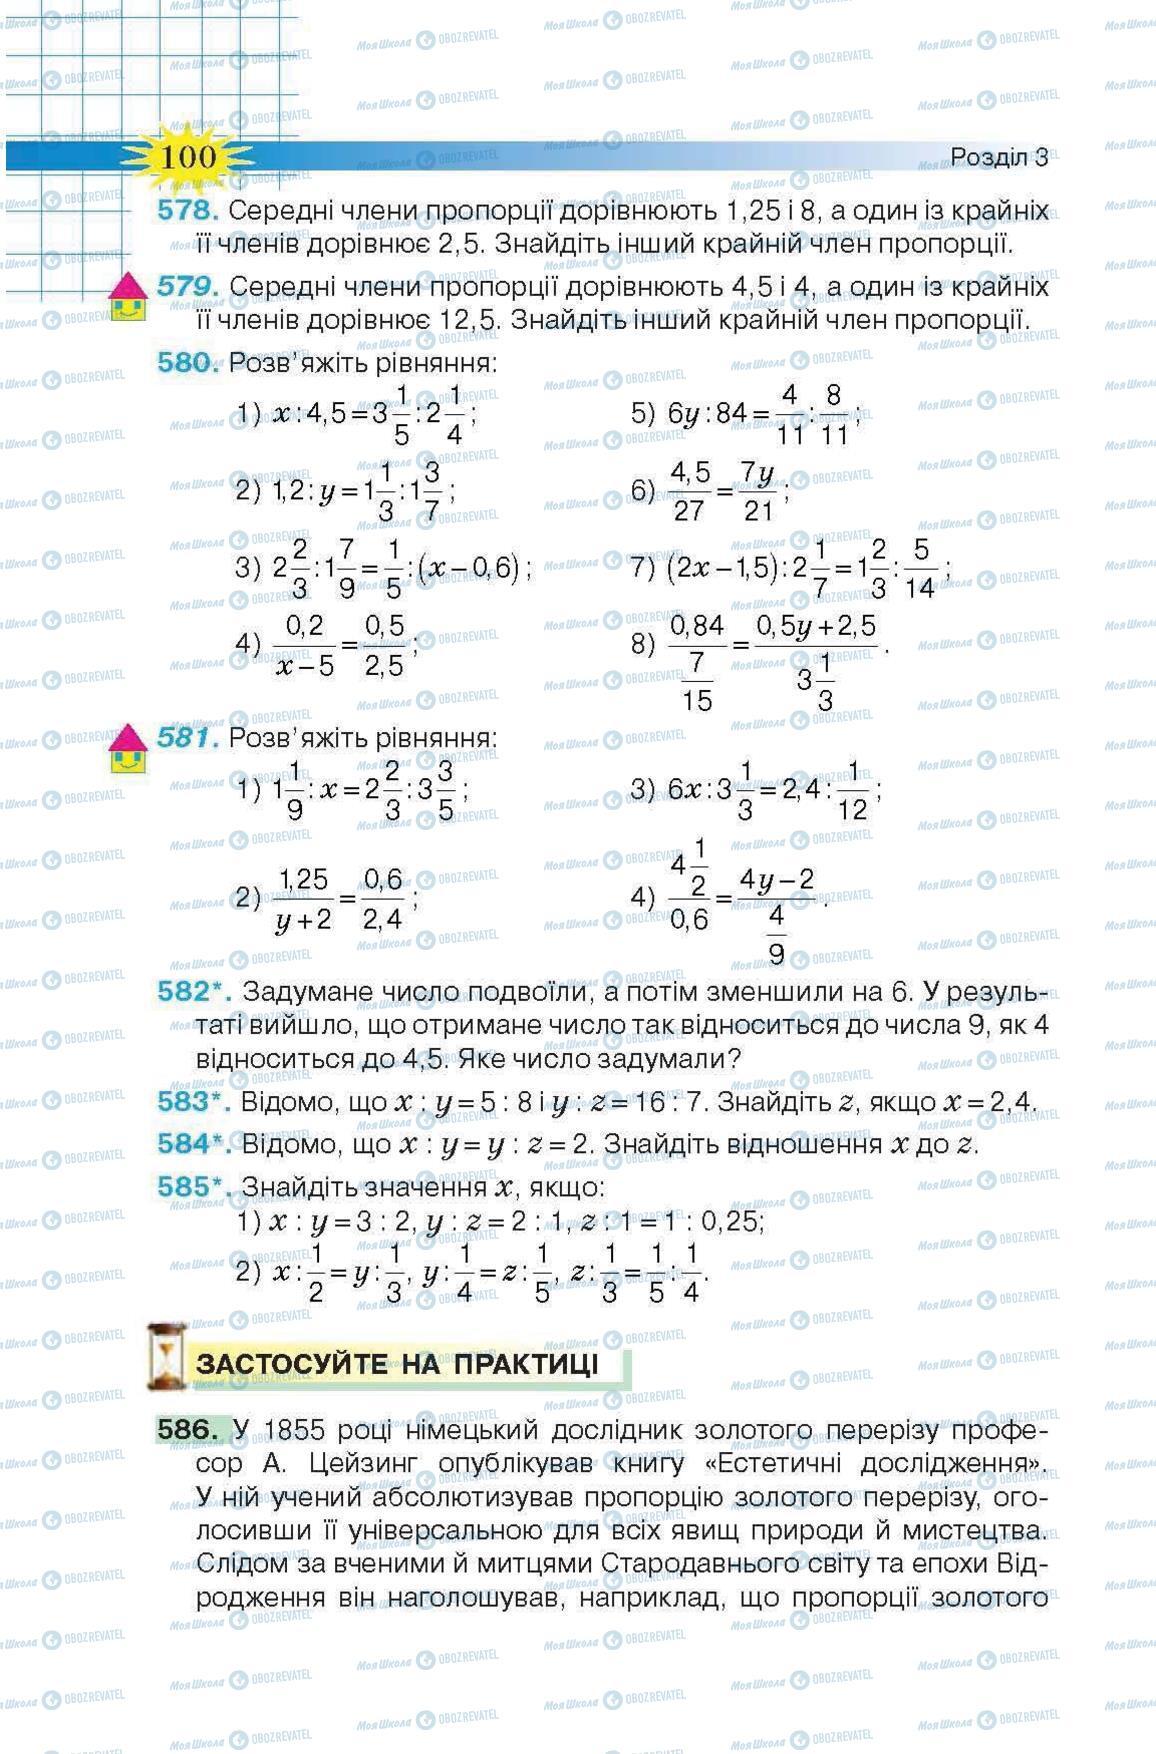 Підручники Математика 6 клас сторінка 100